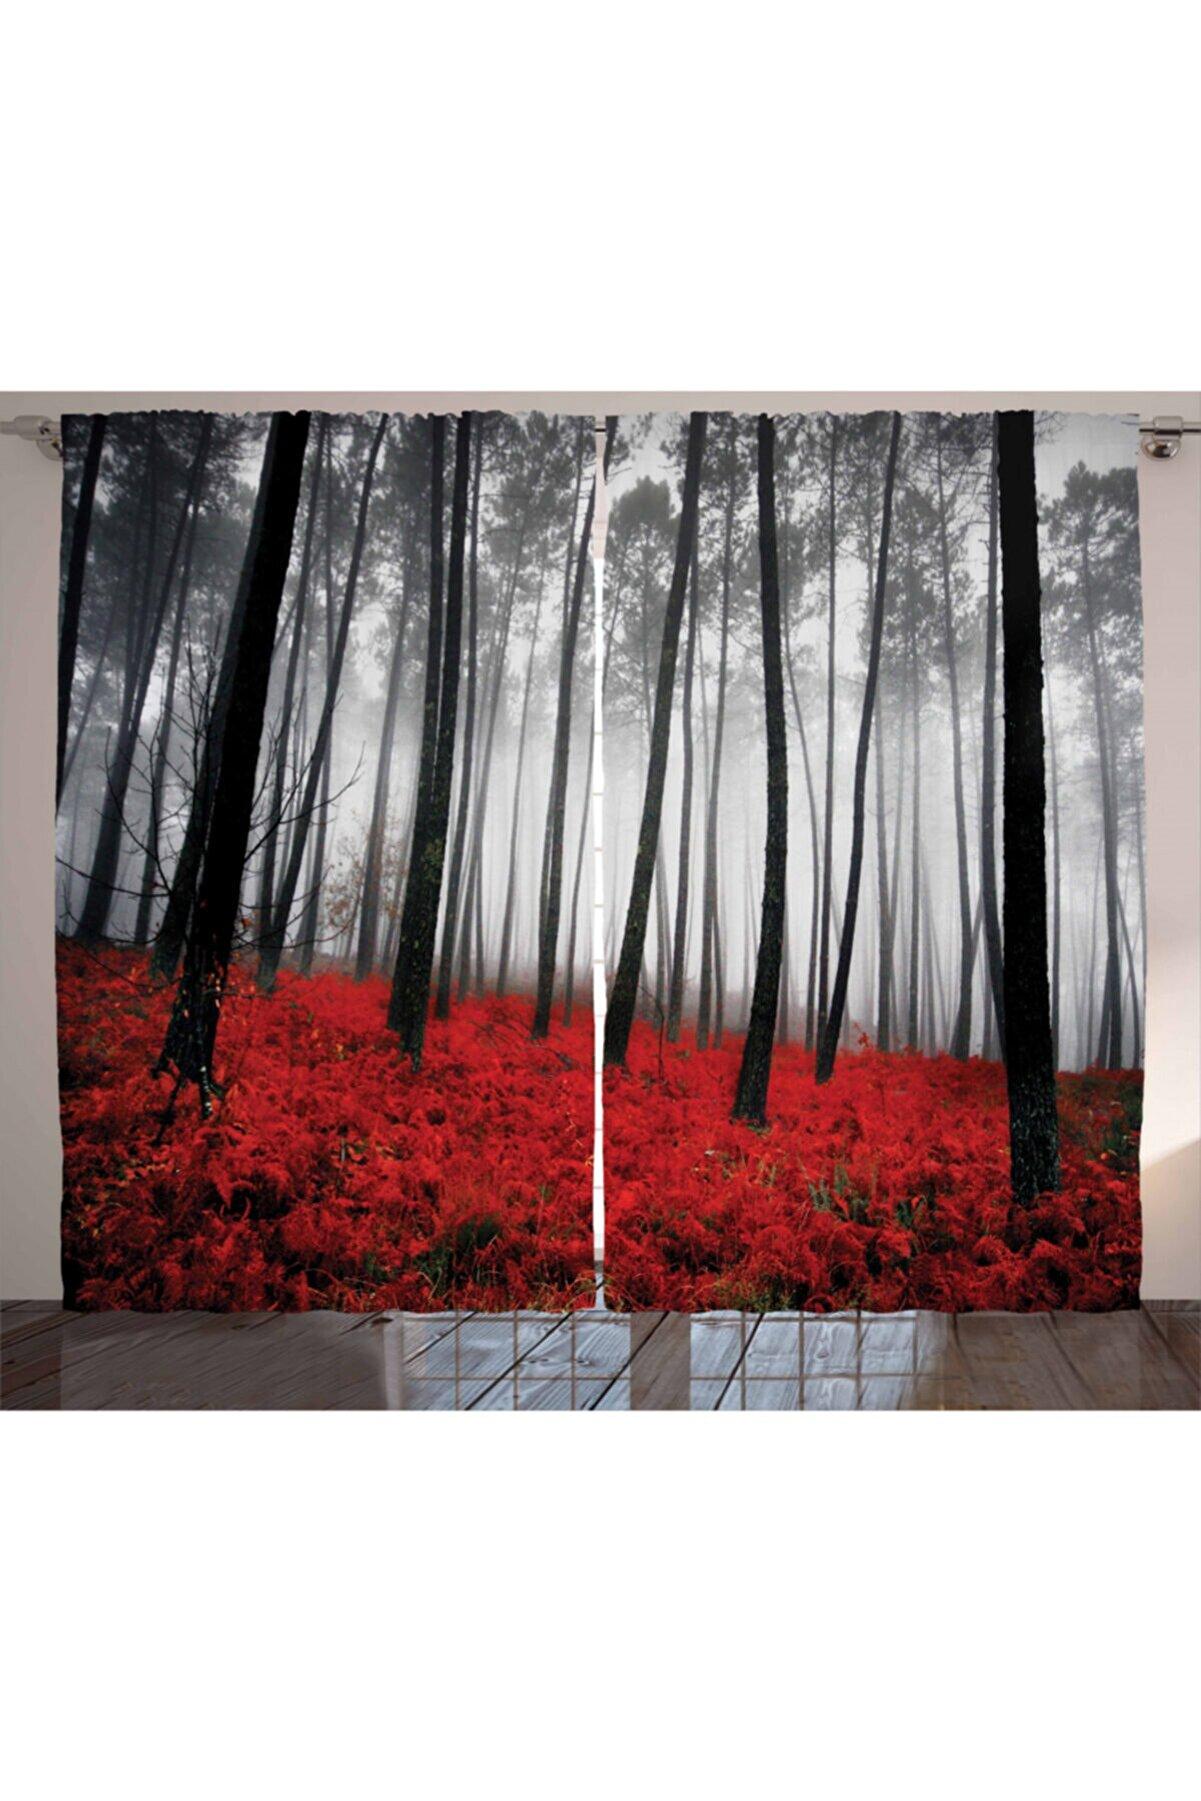 Orange Venue Çiçekli Perde Kırmızı Çiçekli Sisli Orman